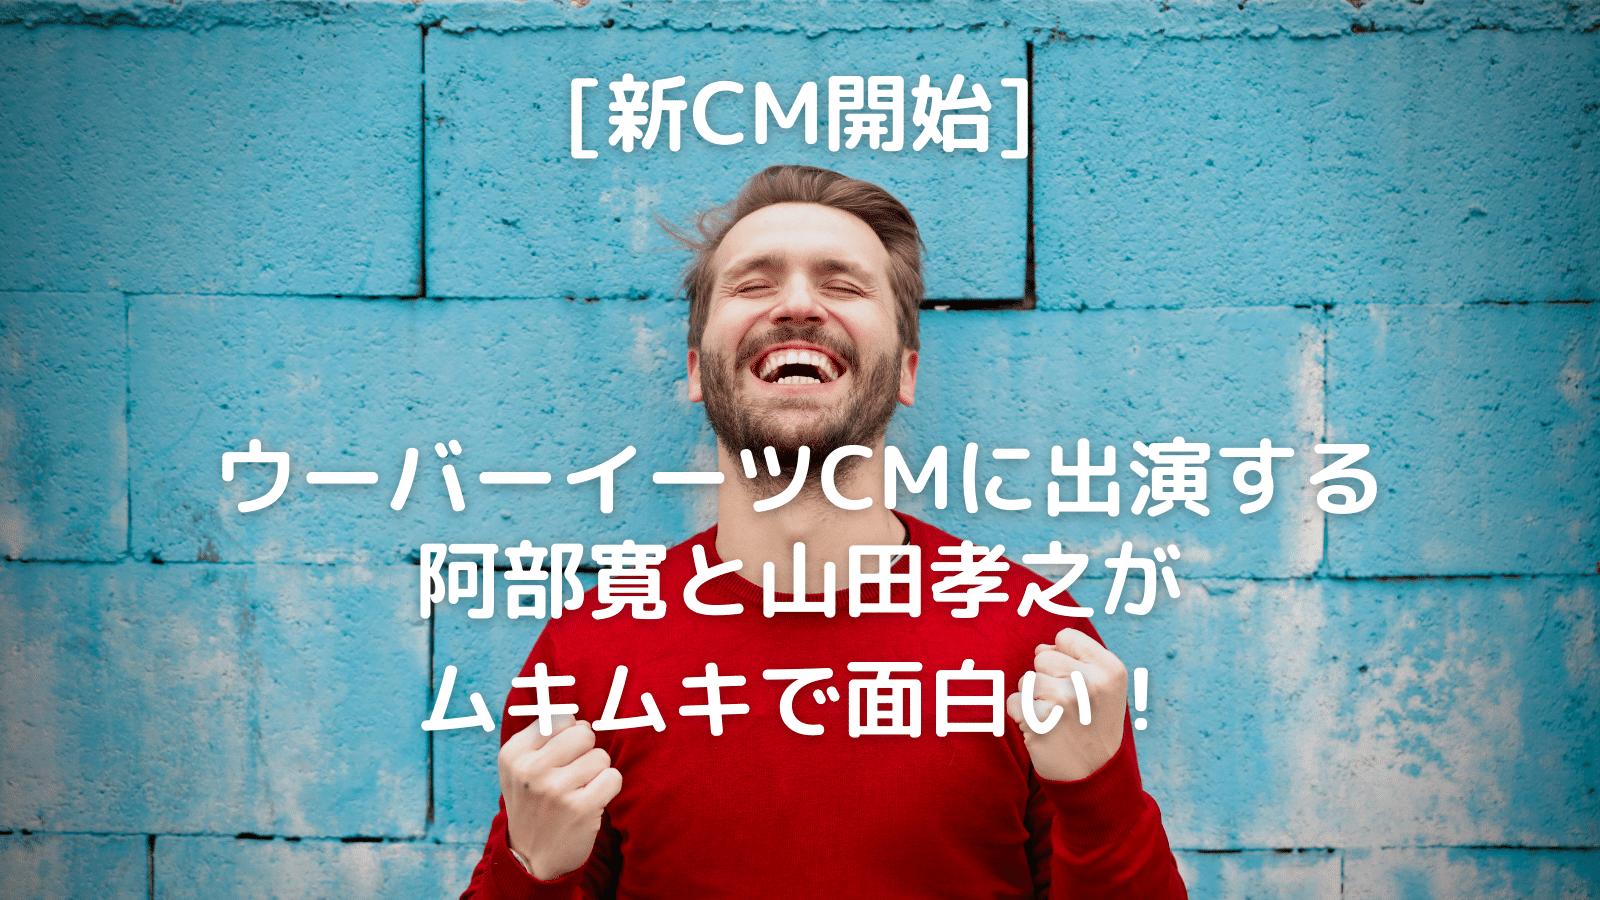 [新CM開始]ウーバーイーツのCMに出演する阿部寛と山田孝之がムキムキでおもしろい!